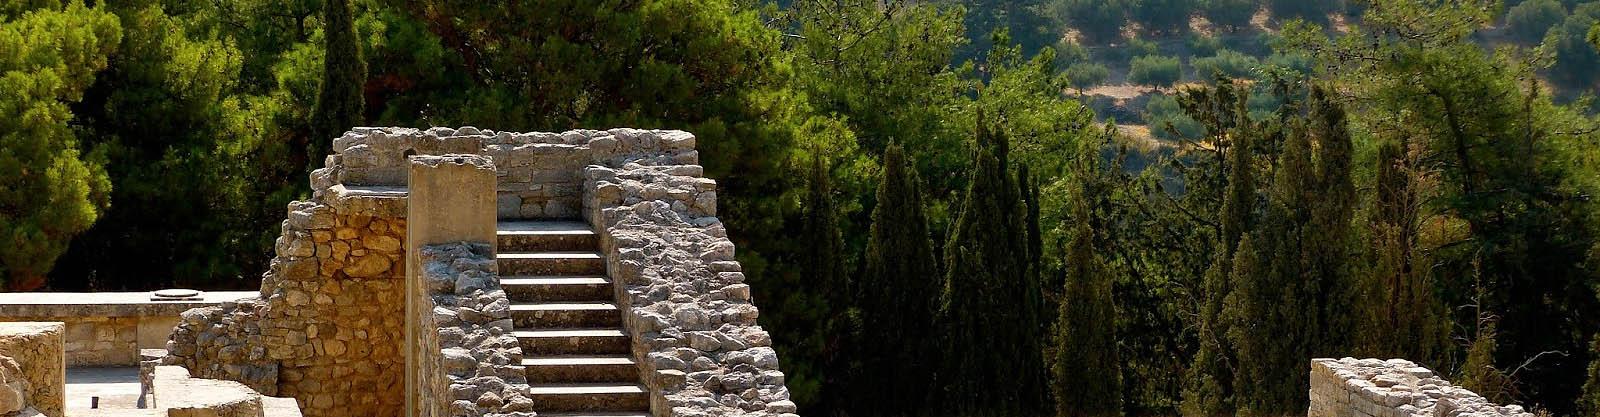 Prehistoric Crete - Knossos – Archeological Museum – Heraklion City Tour